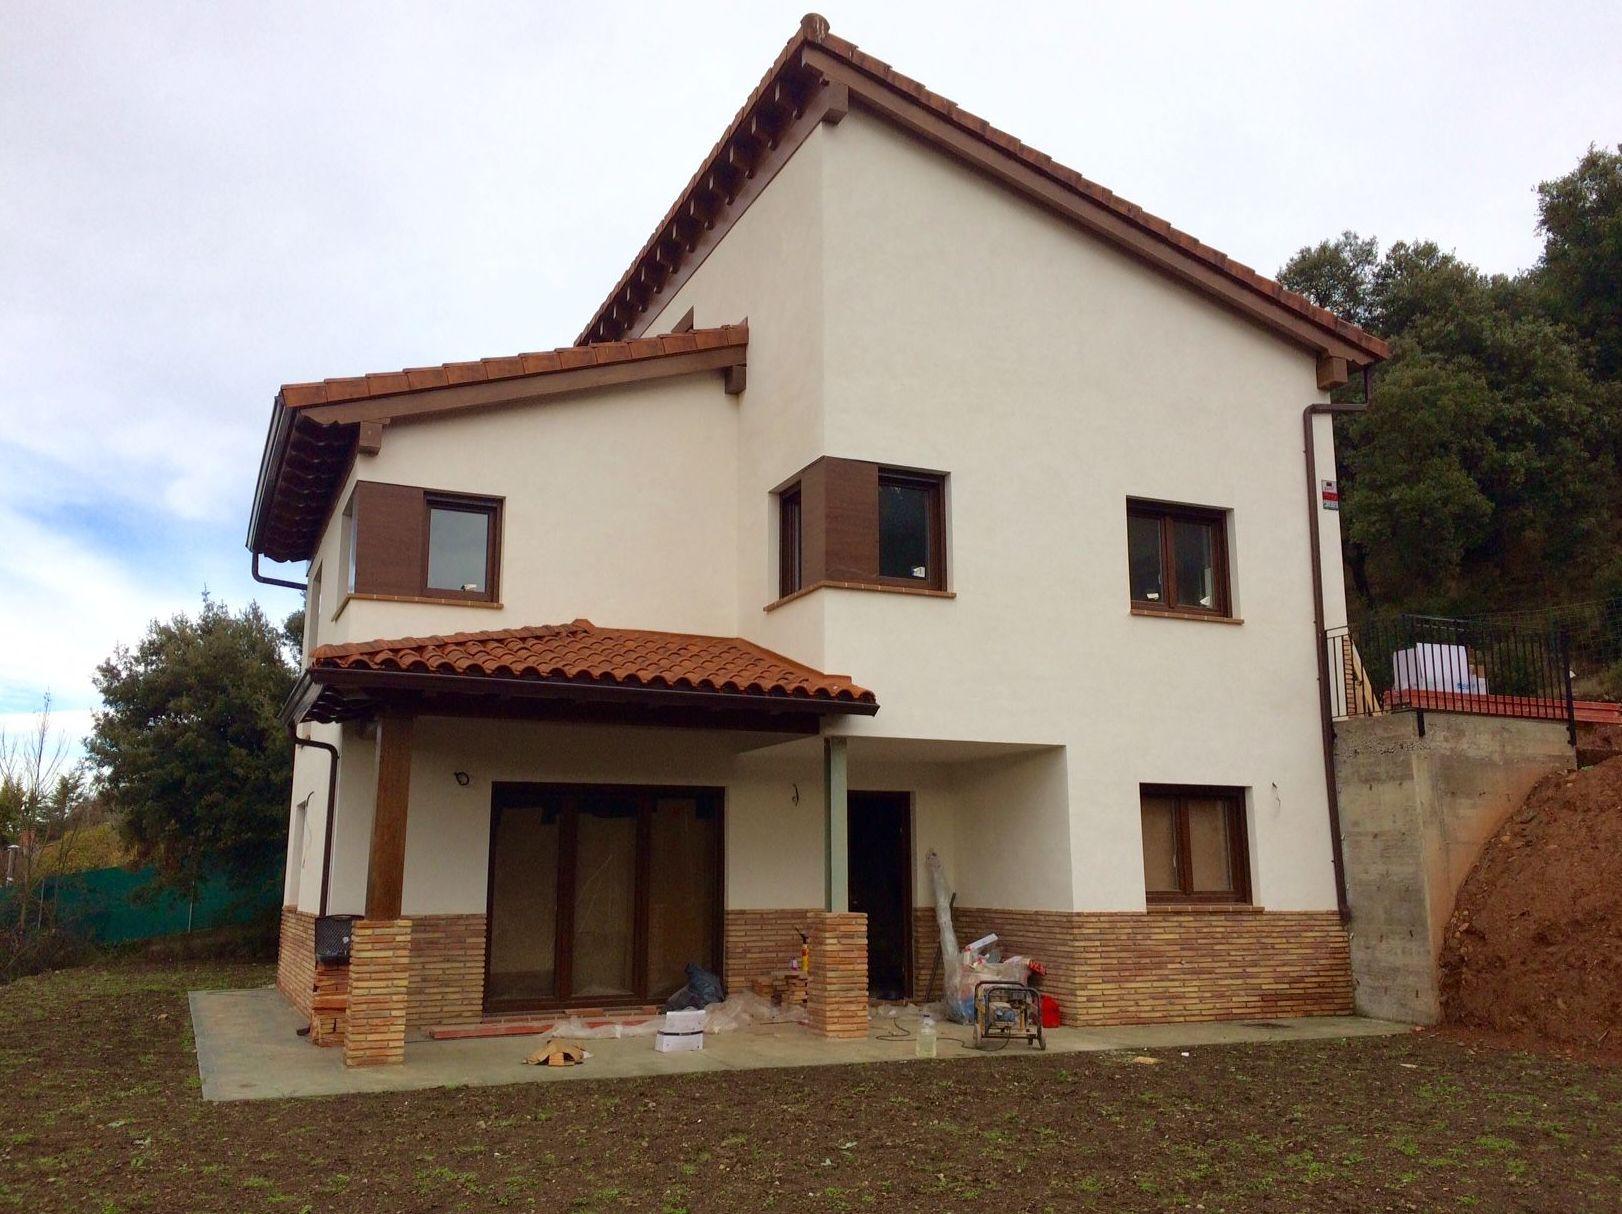 Vivienda Unifamiliar en Hornos de Moncalvillo (La Rioja)